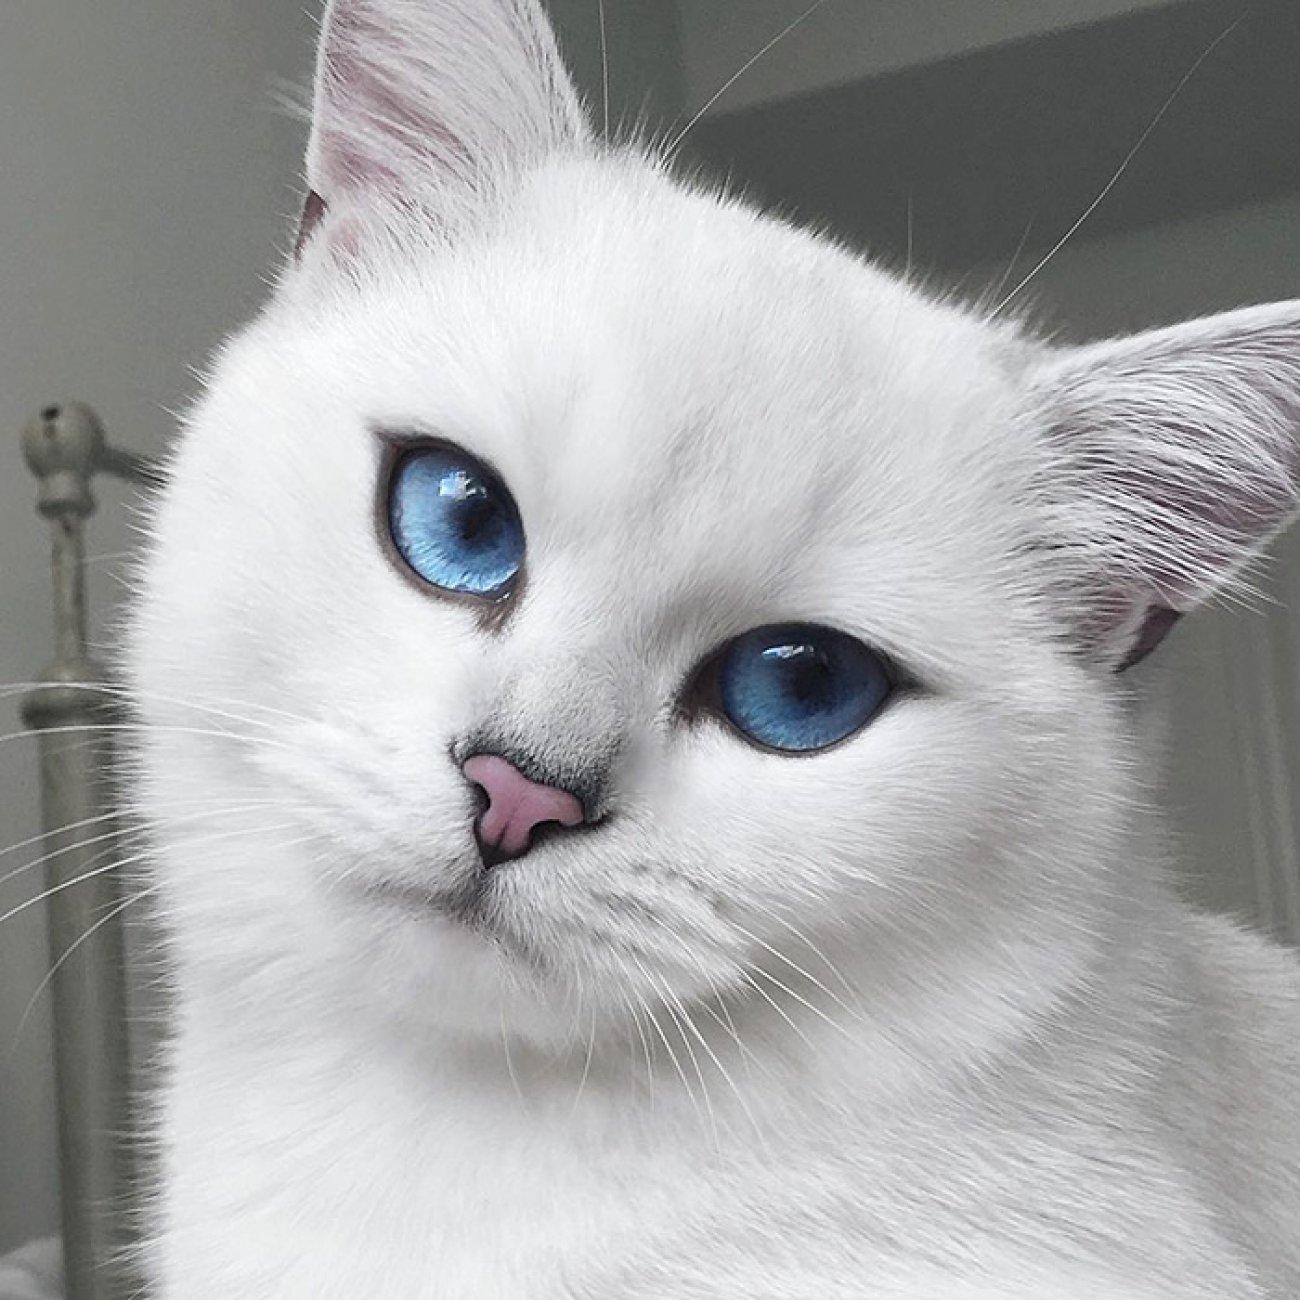 ce-chat-aux-yeux-bleus-va-litteralement-vous-hypnotiser-389539.jpg